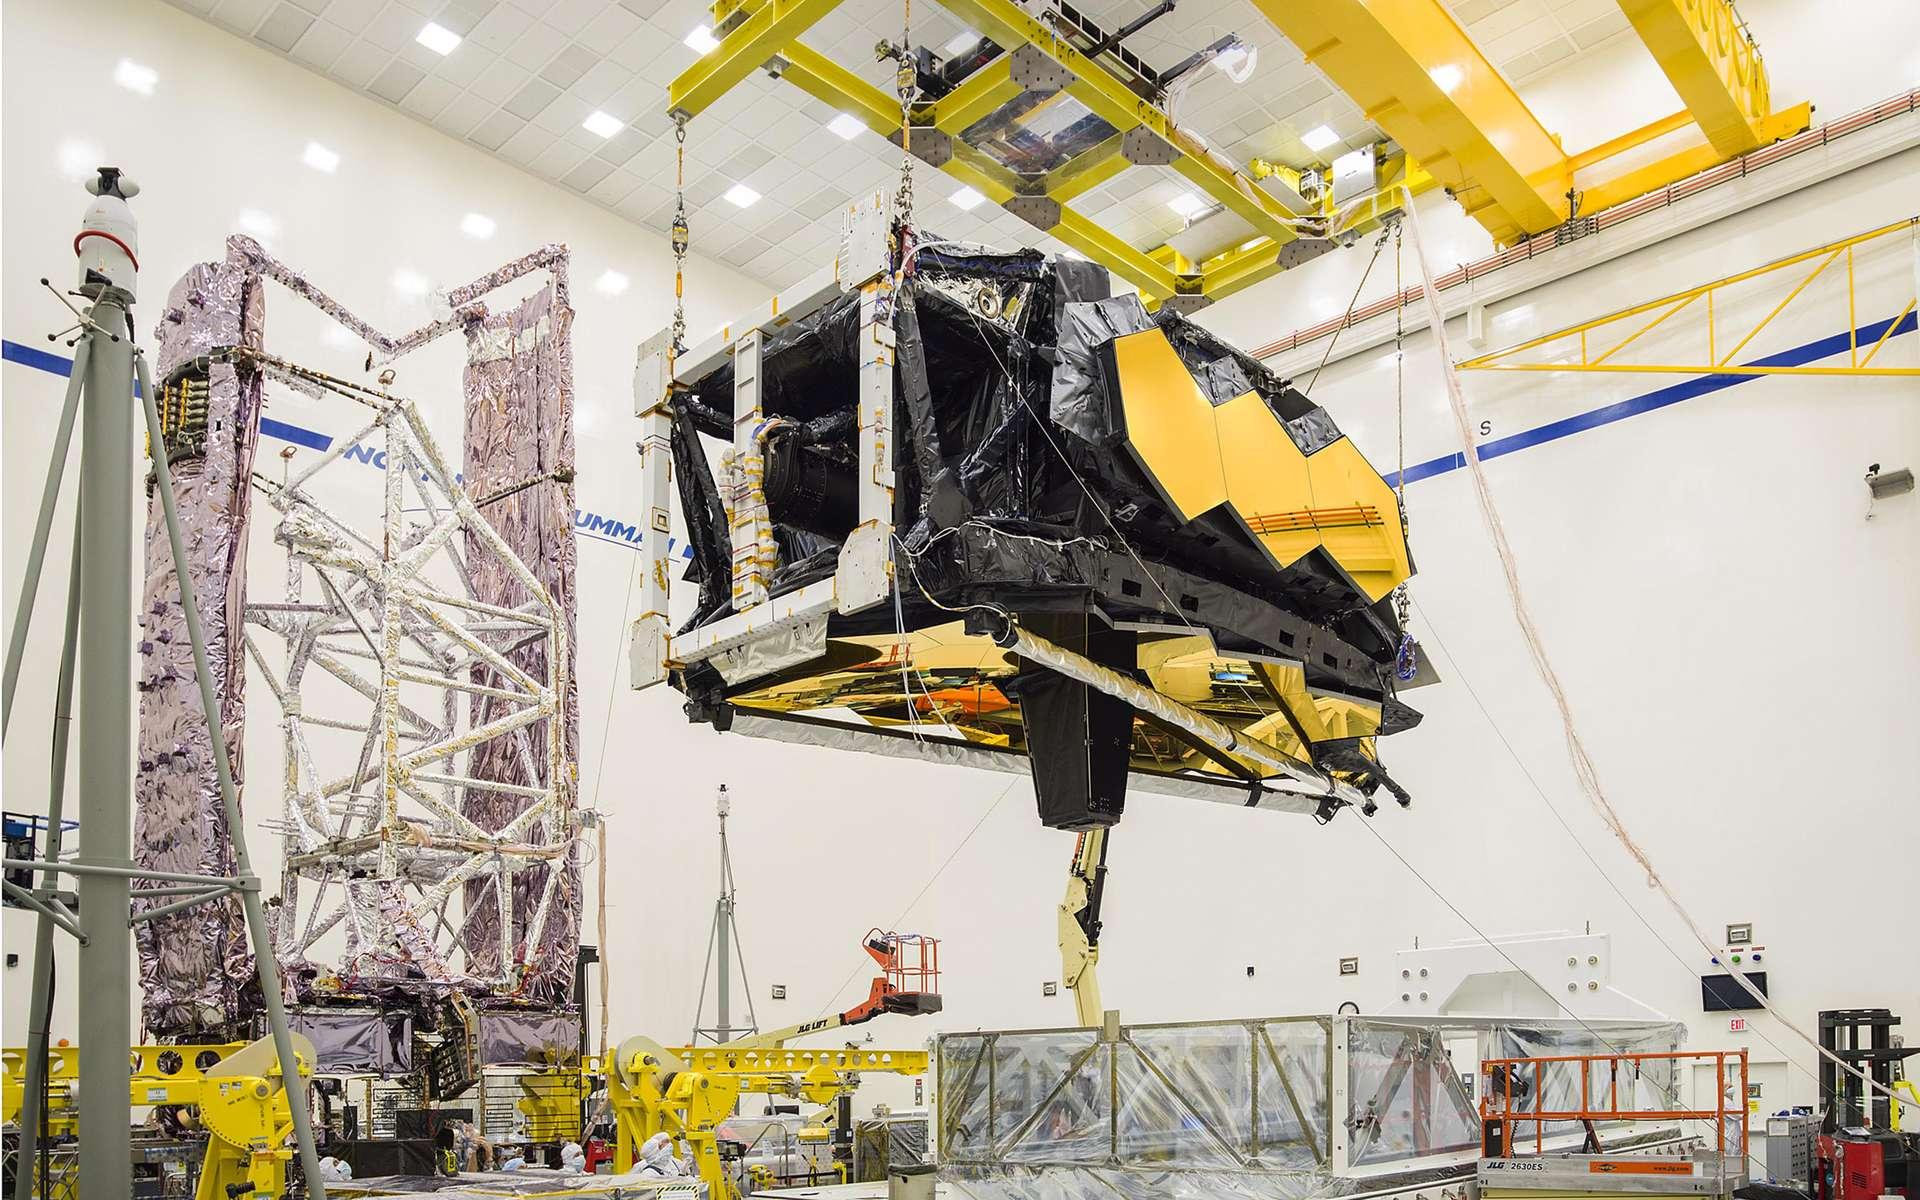 Représentation de l'observatoire spatial James-Webb une fois déployé. Le lancement du successeur d'Hubble est repoussé à mai 2020, au mieux. © Nasa